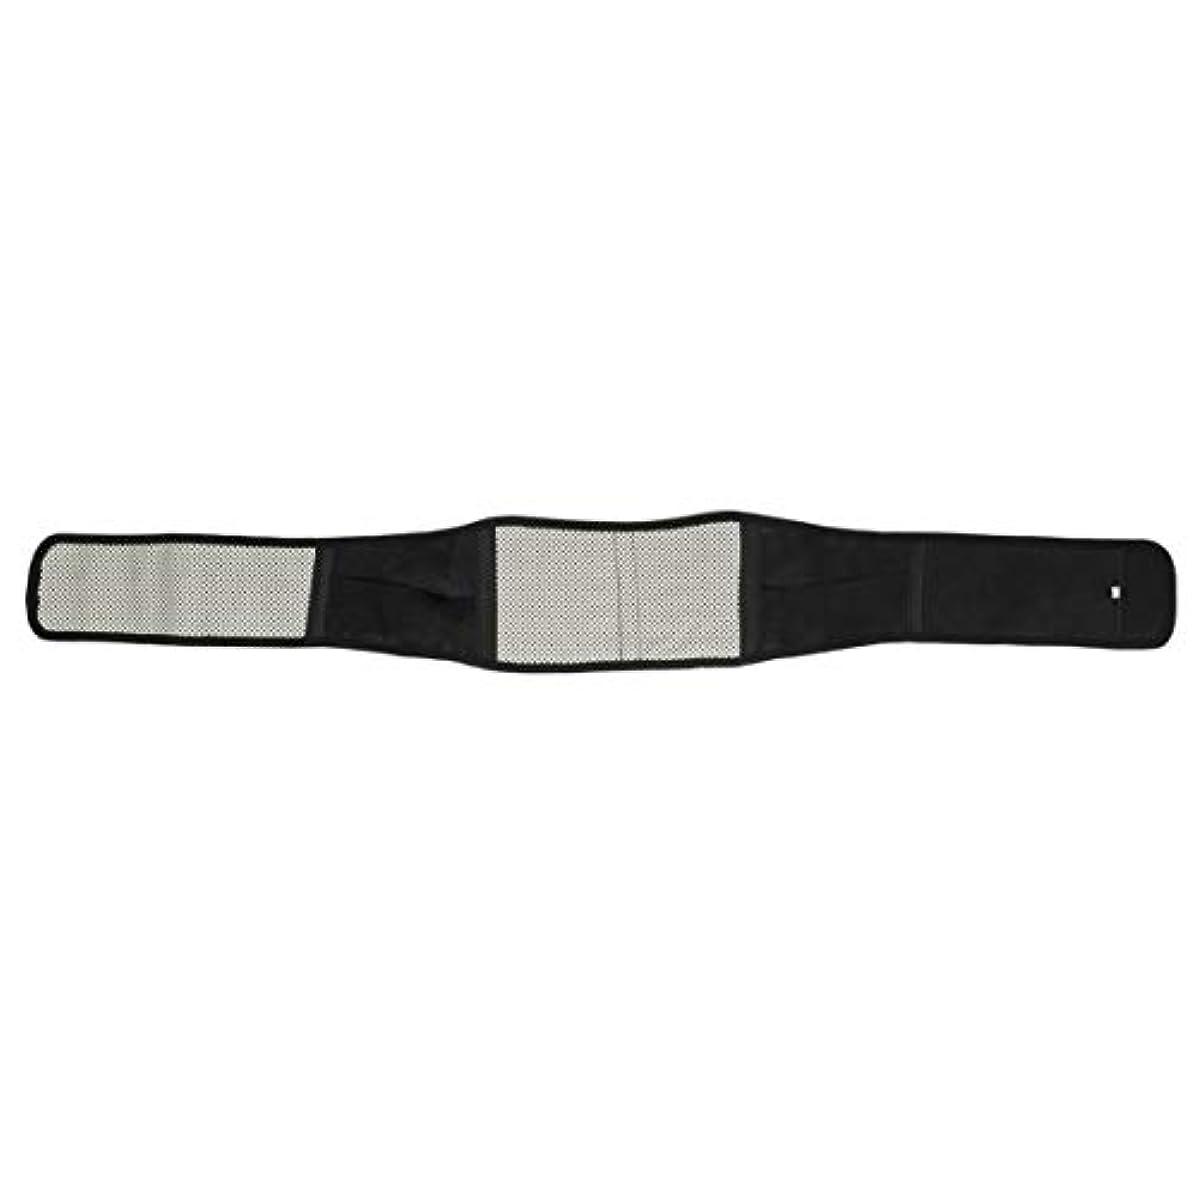 定義テザー引き金intercorey脂肪燃焼ベルト腰椎サポート痛みマッサージャー赤外線磁気バックブレース自己発熱療法ウエストベルト調整可能な姿勢ベルト